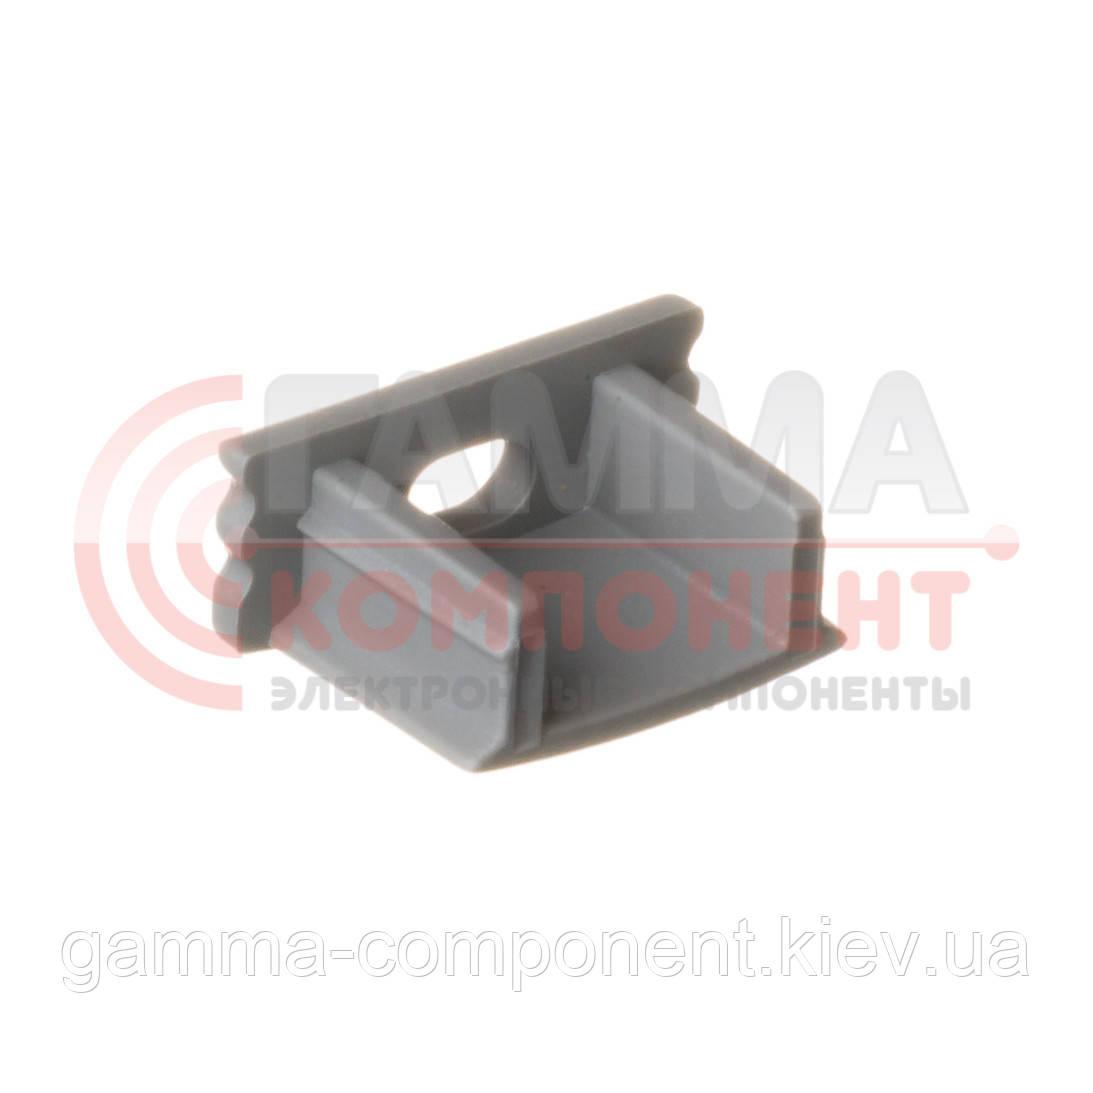 Заглушка для алюминиевого профиля ПФ-1 с отверстием